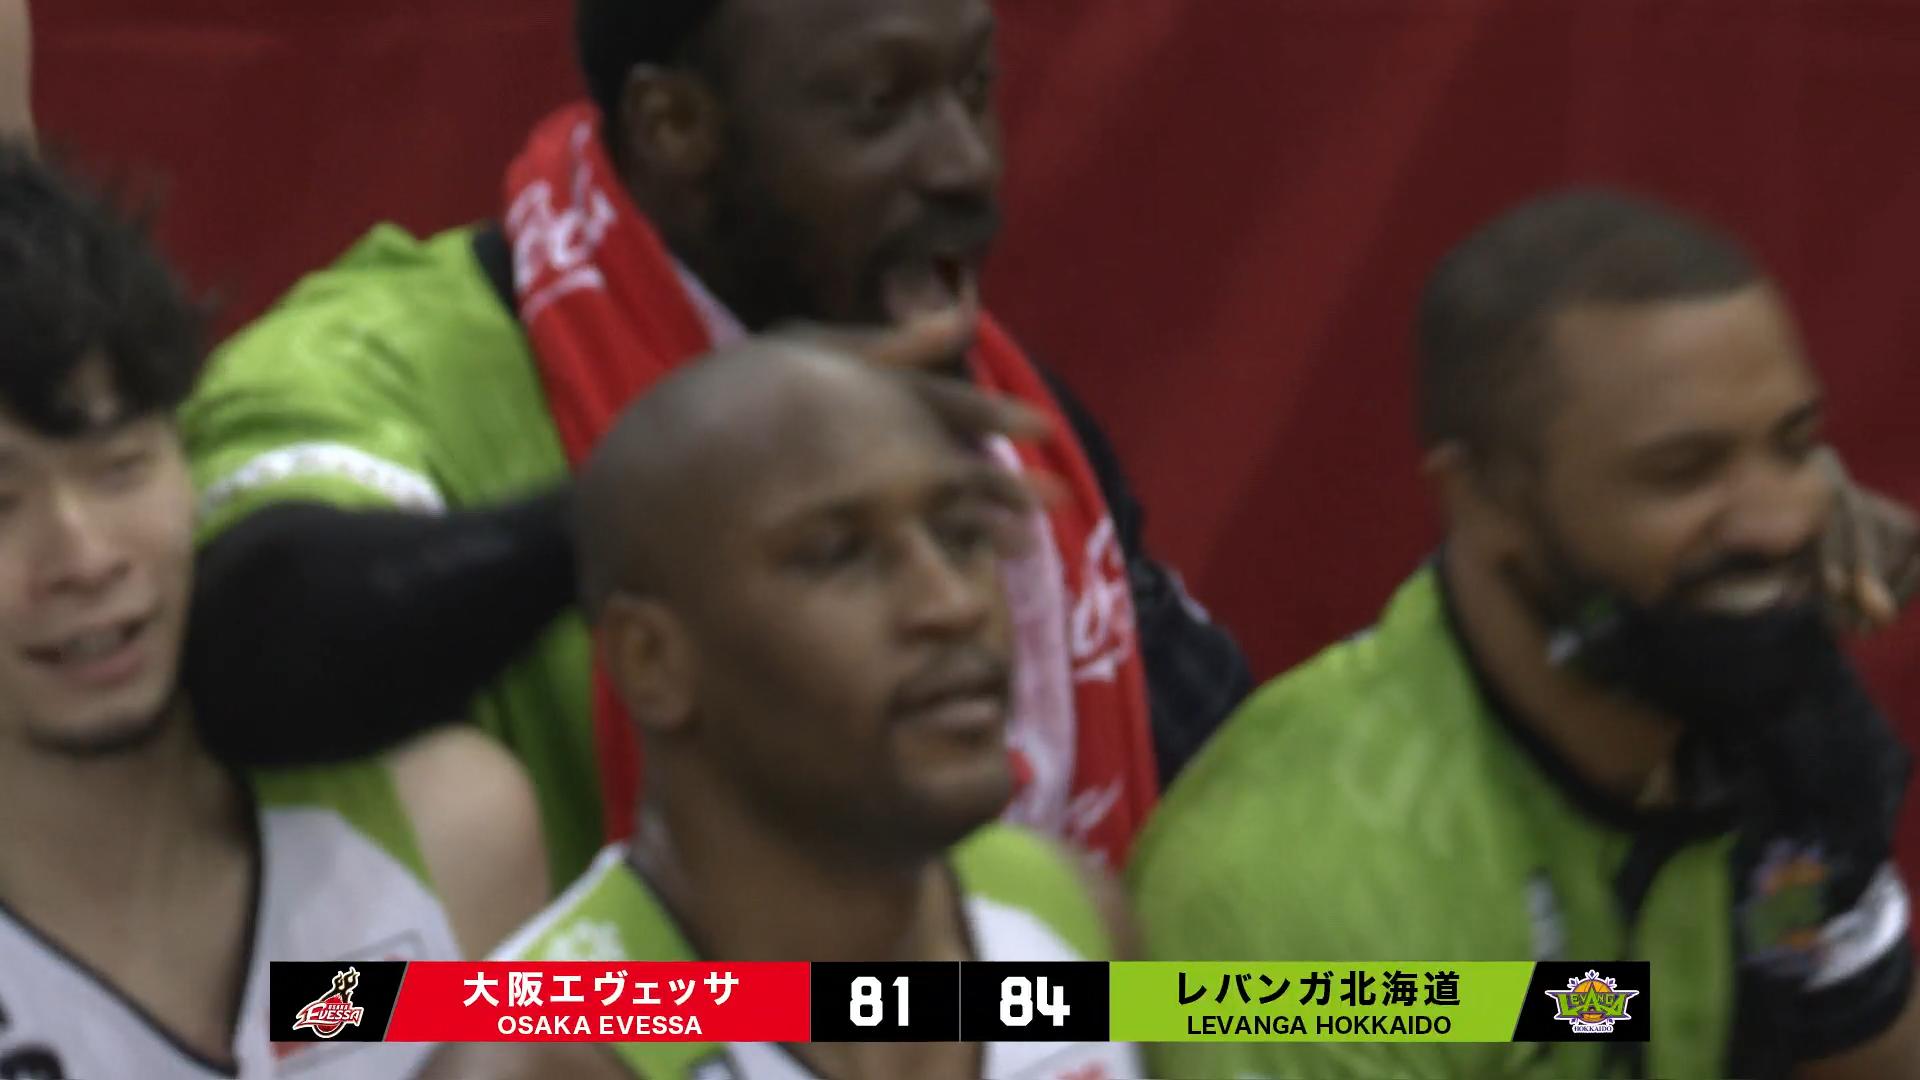 【残り6分、22点差からの大逆転!】 大阪エヴェッサ VS レバンガ北海道 ※動画あり